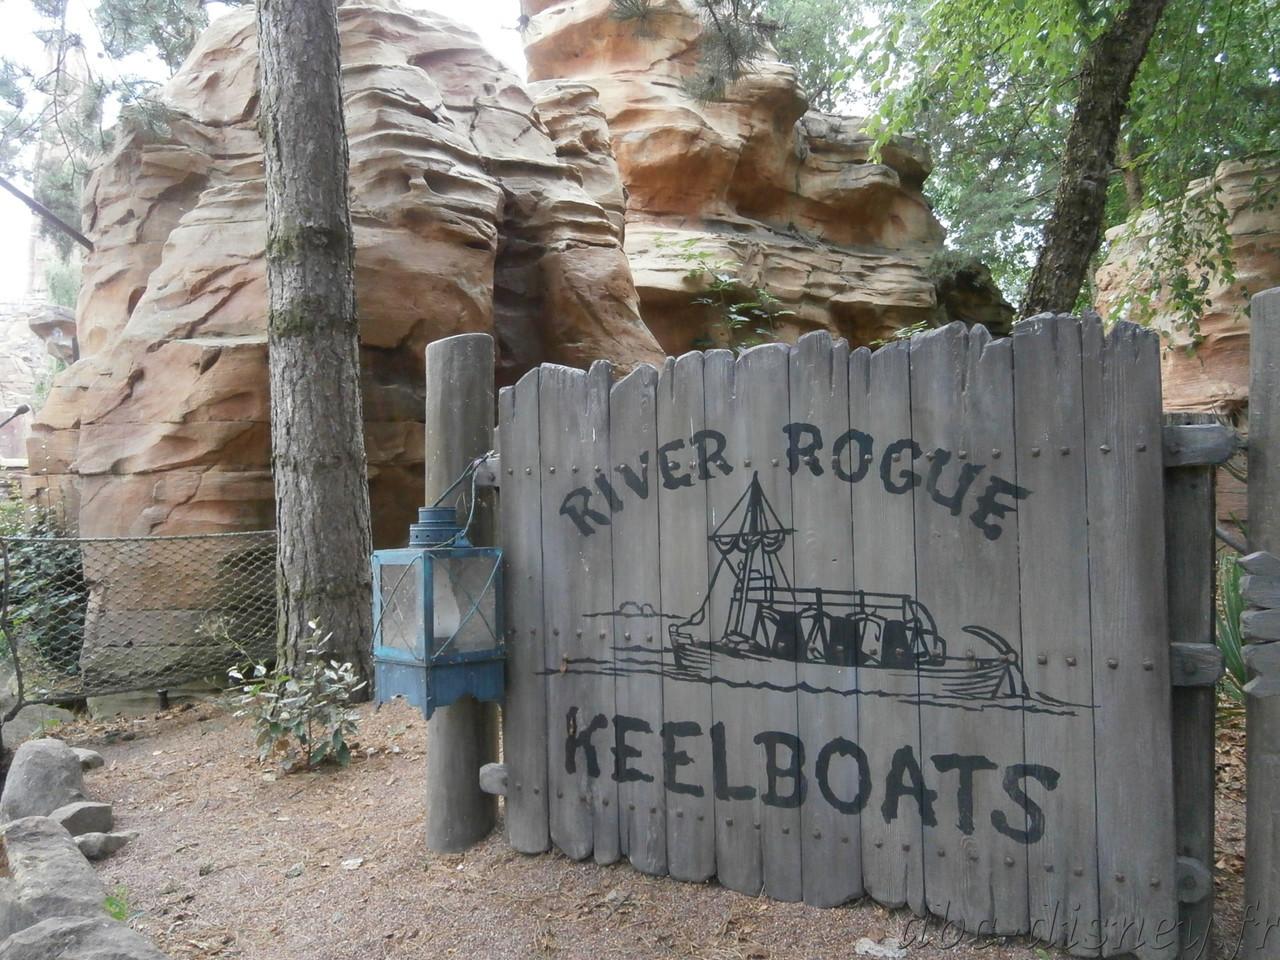 A river rogue keelboats 1